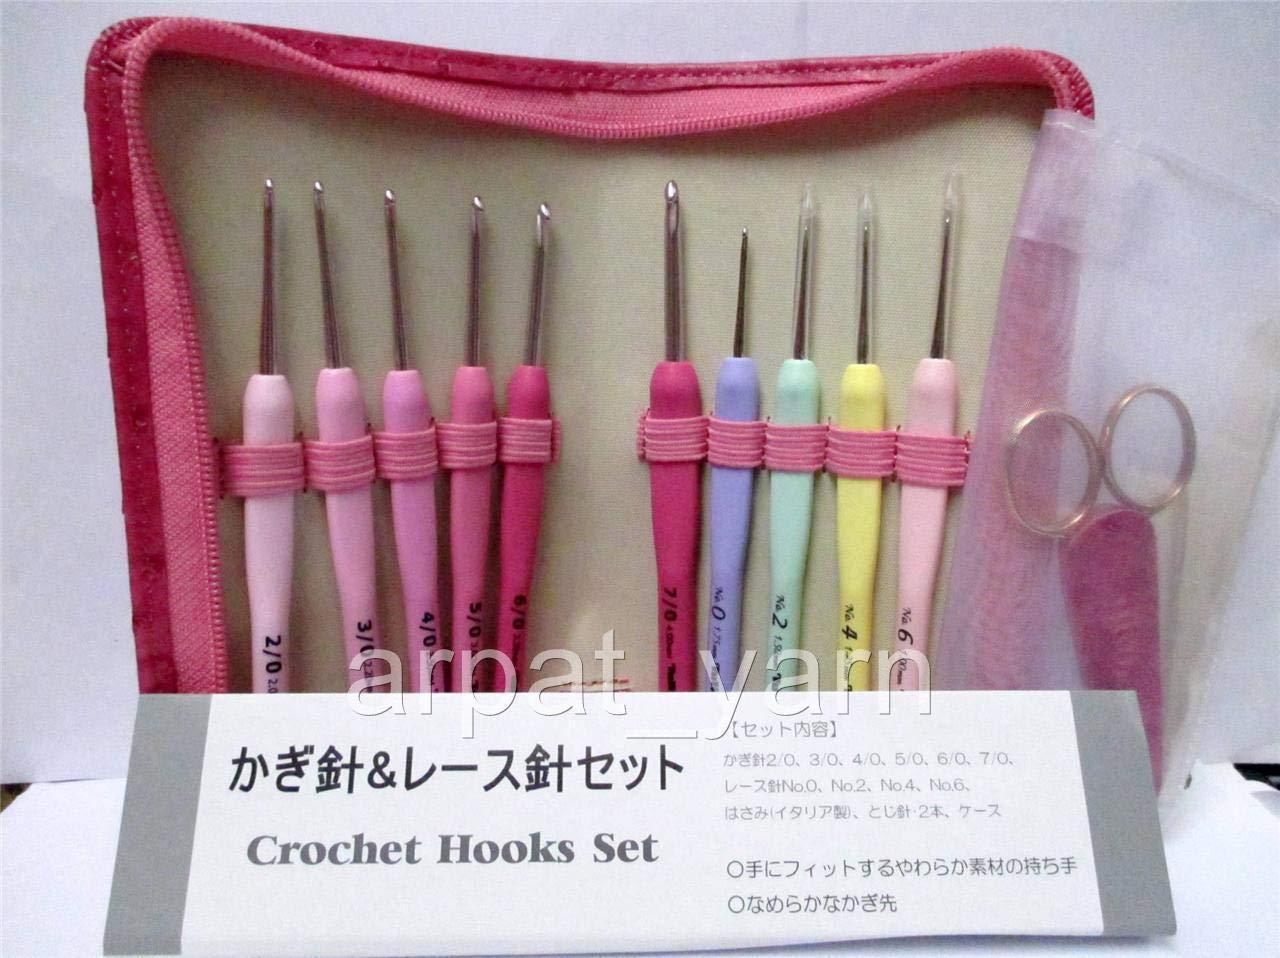 FidgetFidget 1mm-4mm ETIMO Rose Lace Set 10 Crochet Hooks Special Edition by FidgetFidget (Image #1)